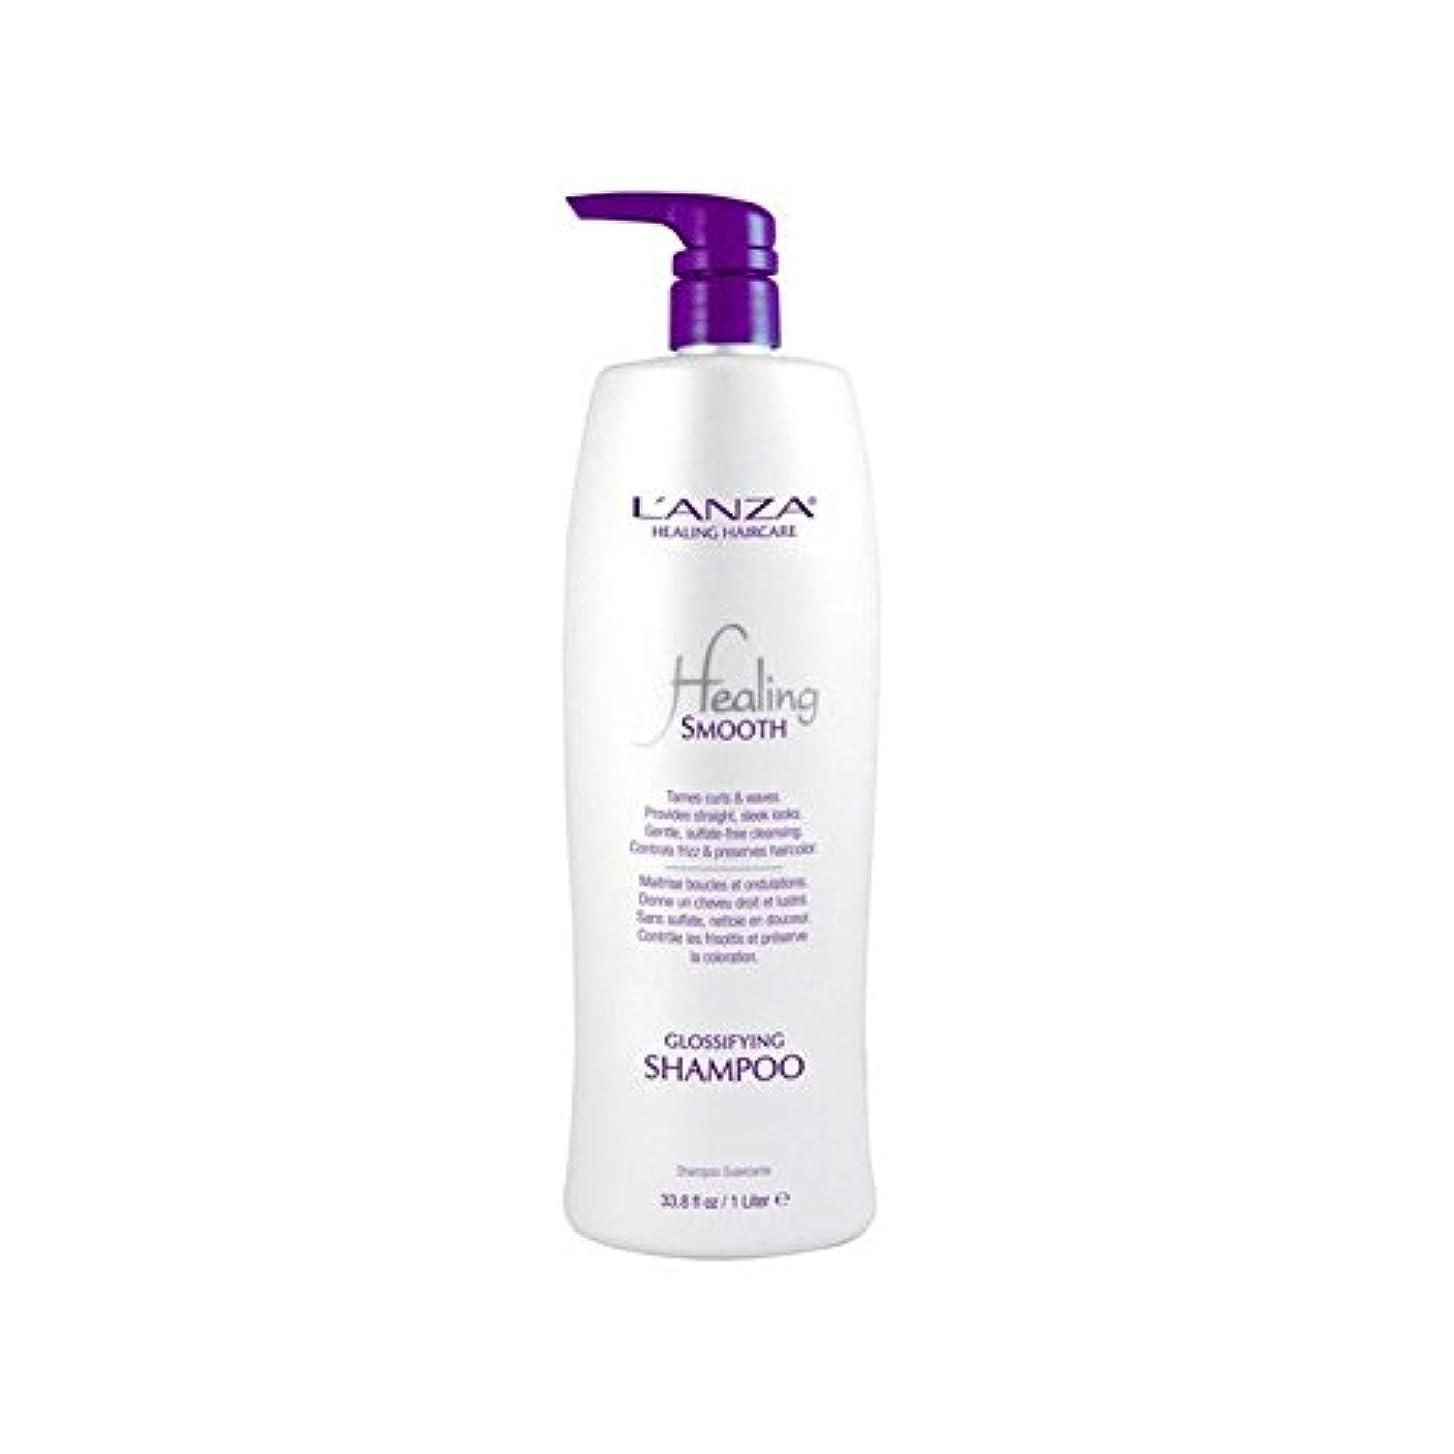 入力ショットもっともらしいランツァスムーズシャンプーを癒し(千ミリリットル) x2 - Lanza Healing Smooth Glossifying Shampoo (1000ml) (Pack of 2) [並行輸入品]